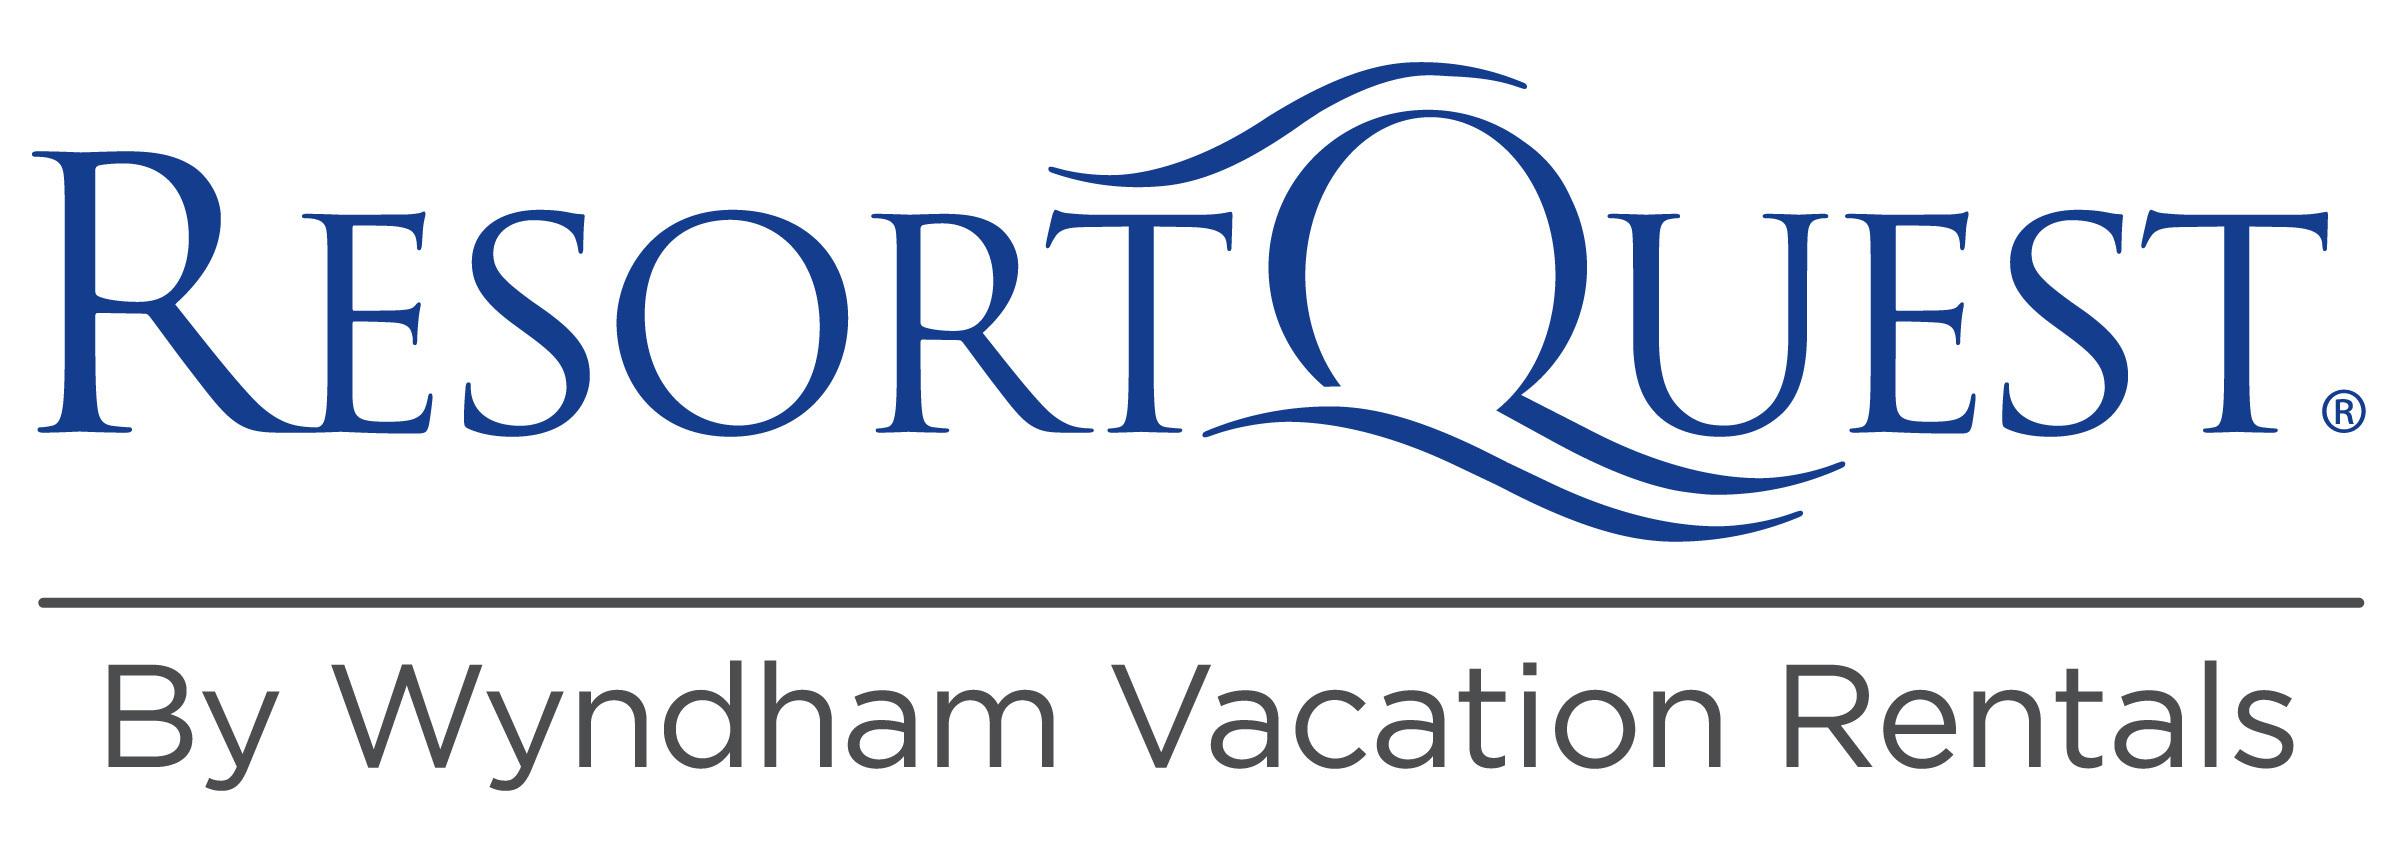 Resortquest logo – no background